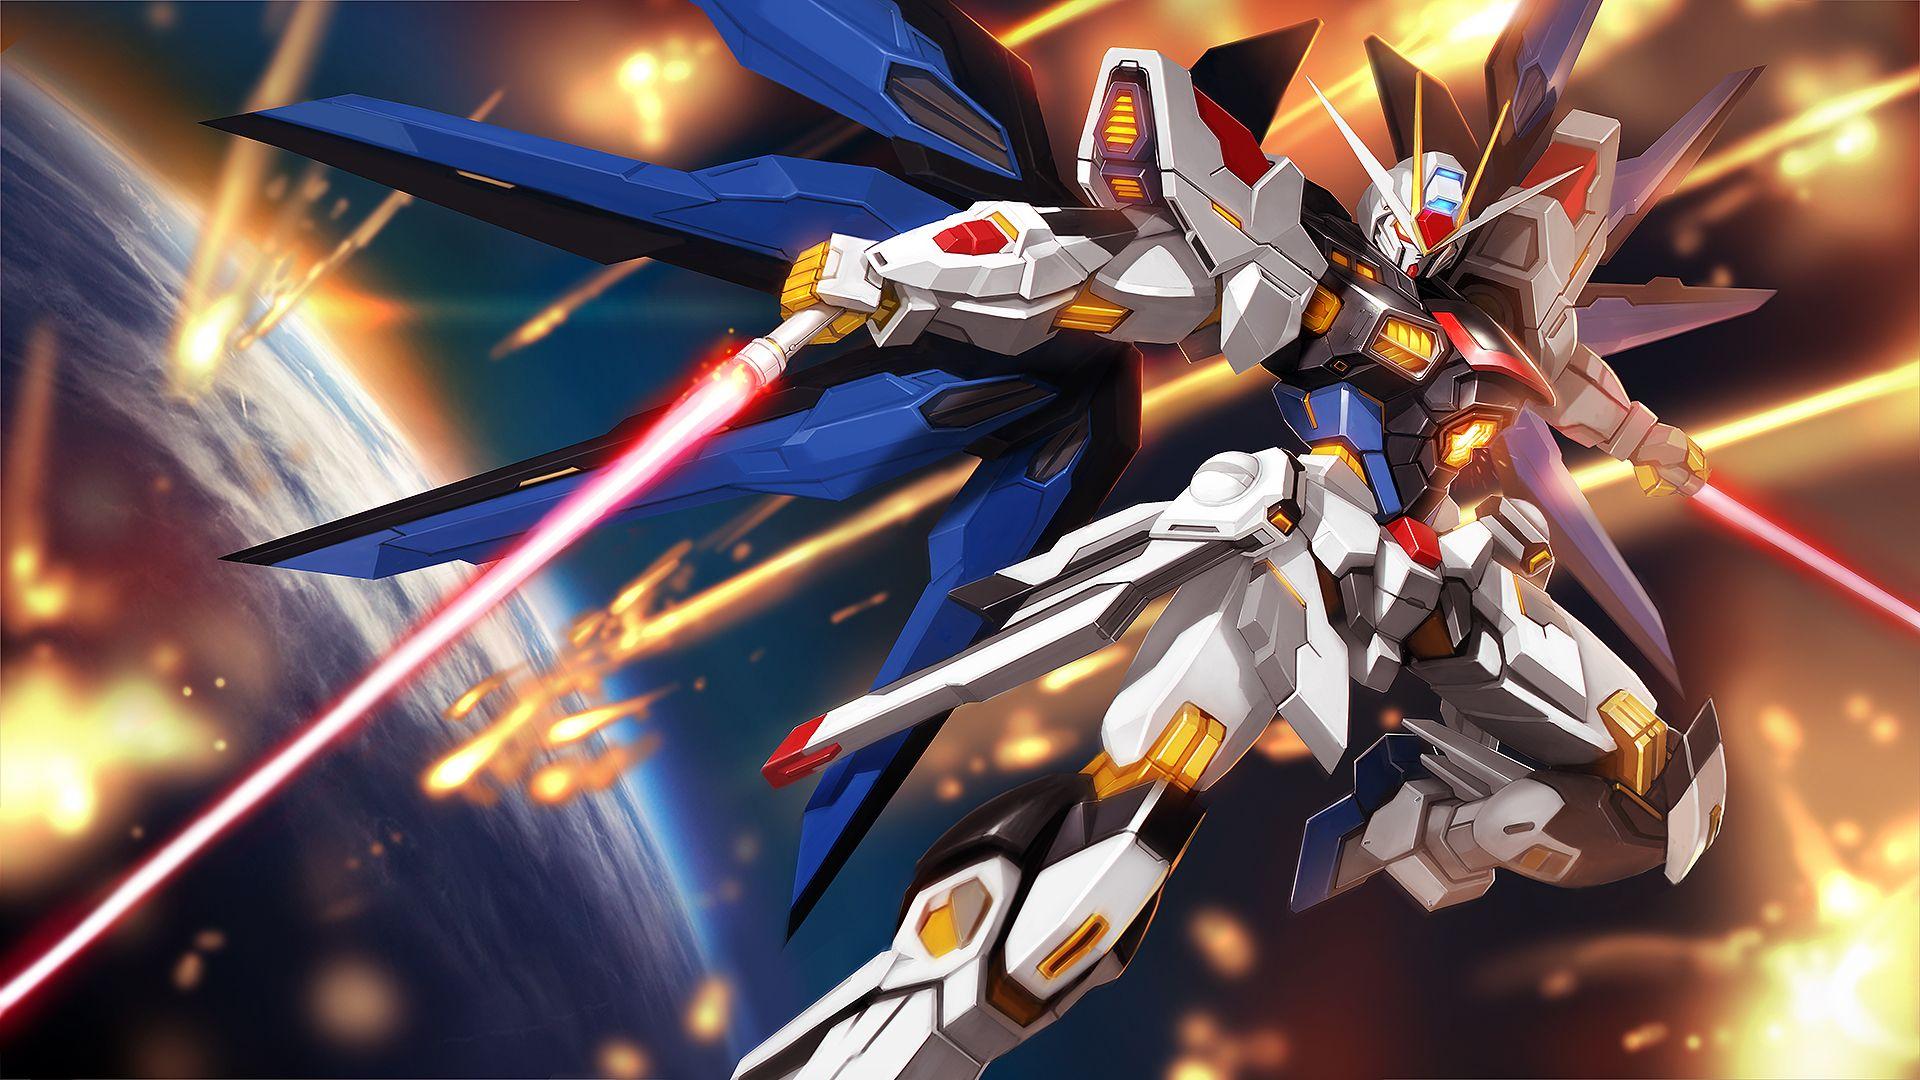 Strike Freedom Gundam Gundam Wallpapers Gundam Seed Gundam